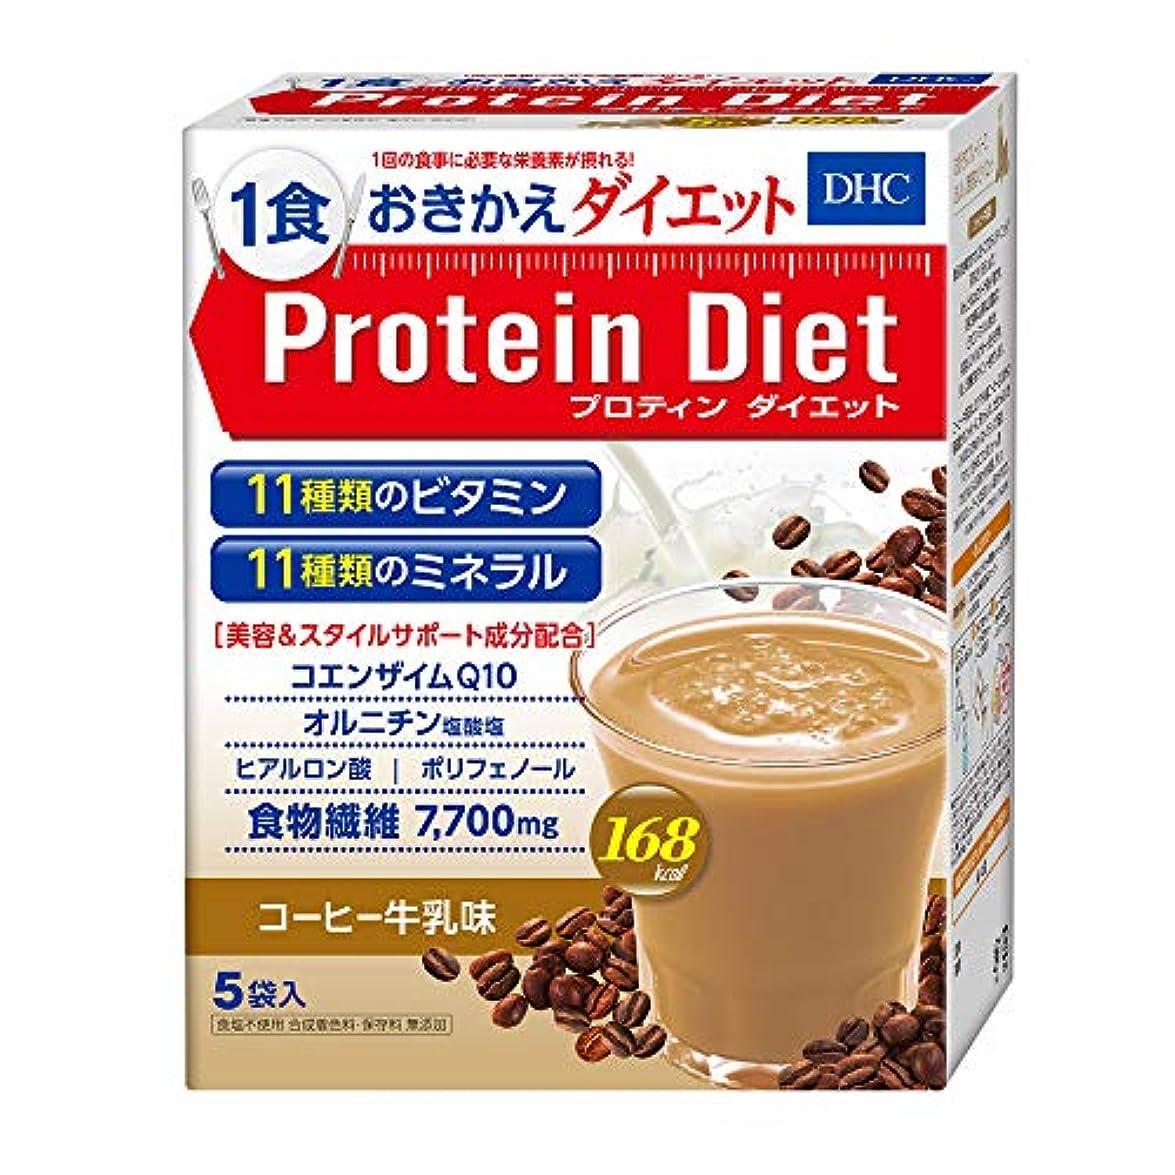 仲間卵罰DHCプロティンダイエット(コーヒー牛乳味)